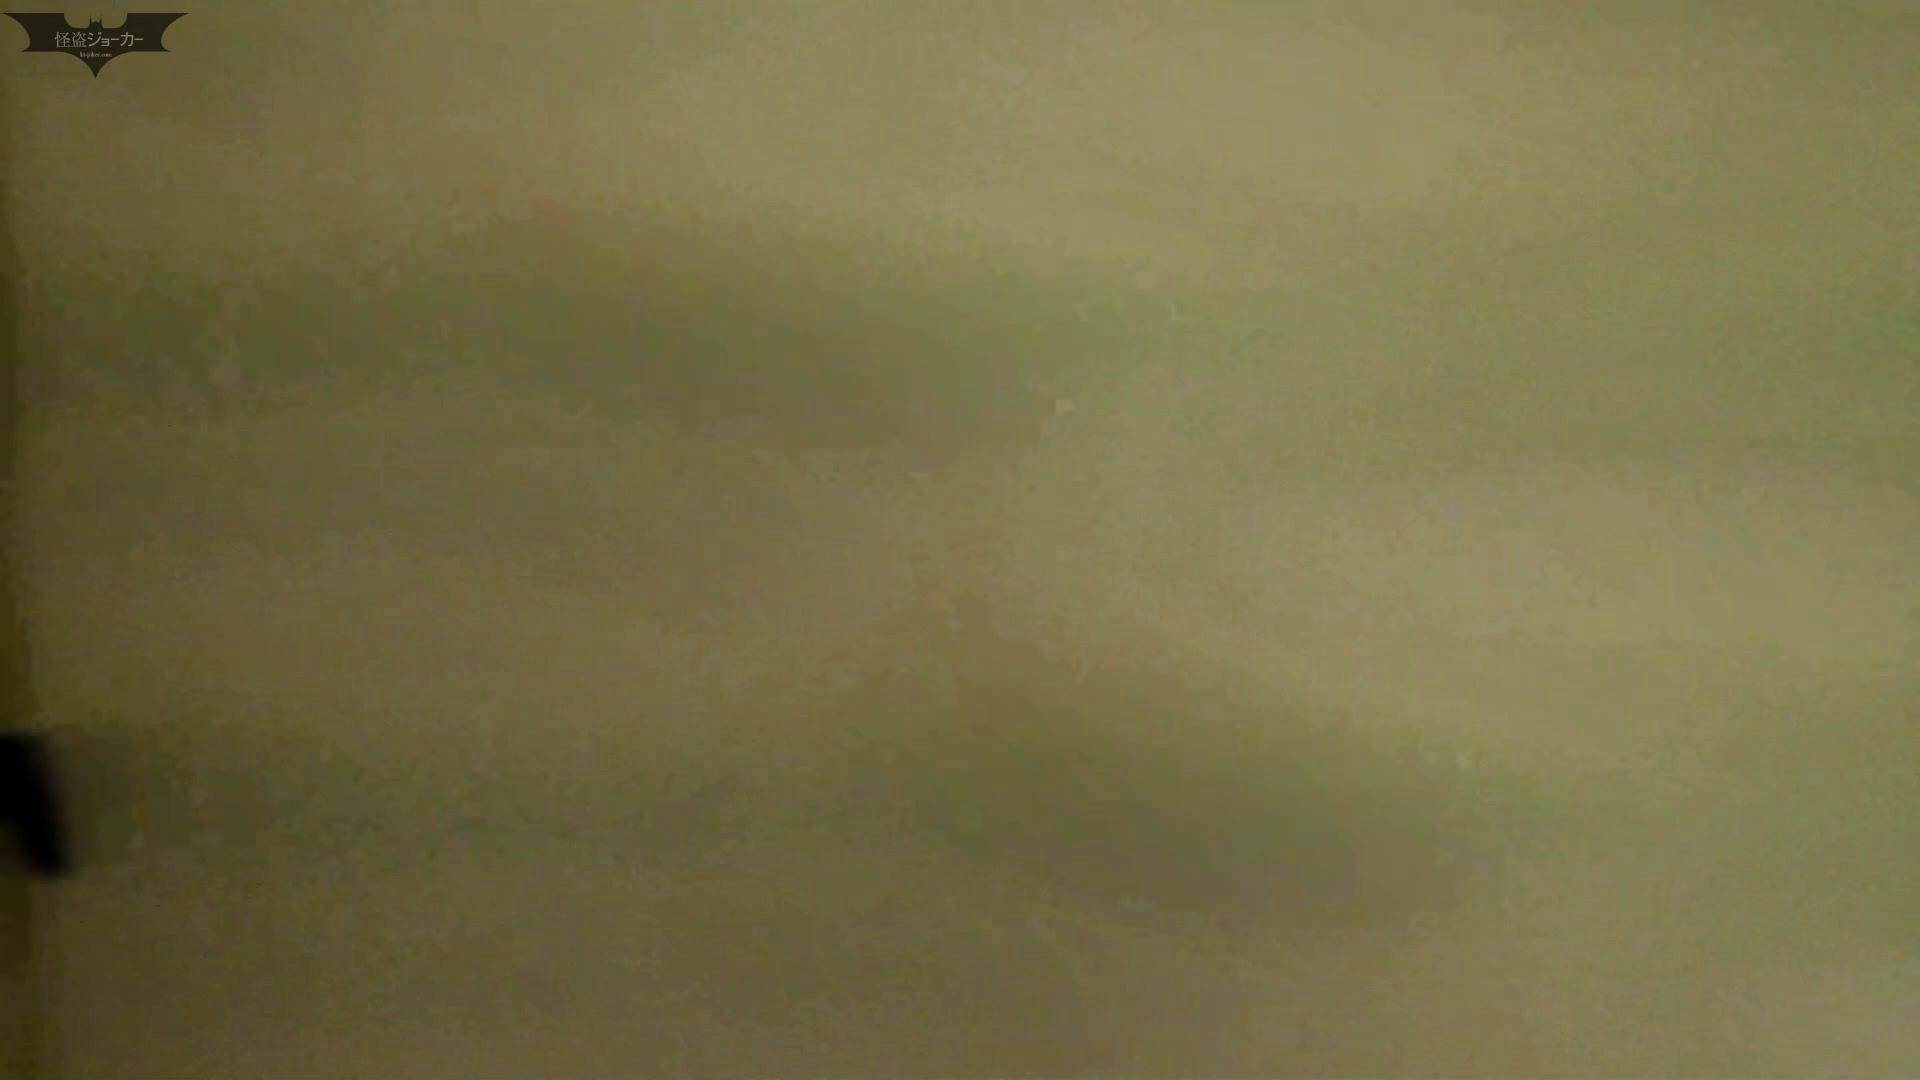 新世界の射窓 No62驚愕!!とんでもないものが出ている 丸見えマンコ | 高画質  113画像 49